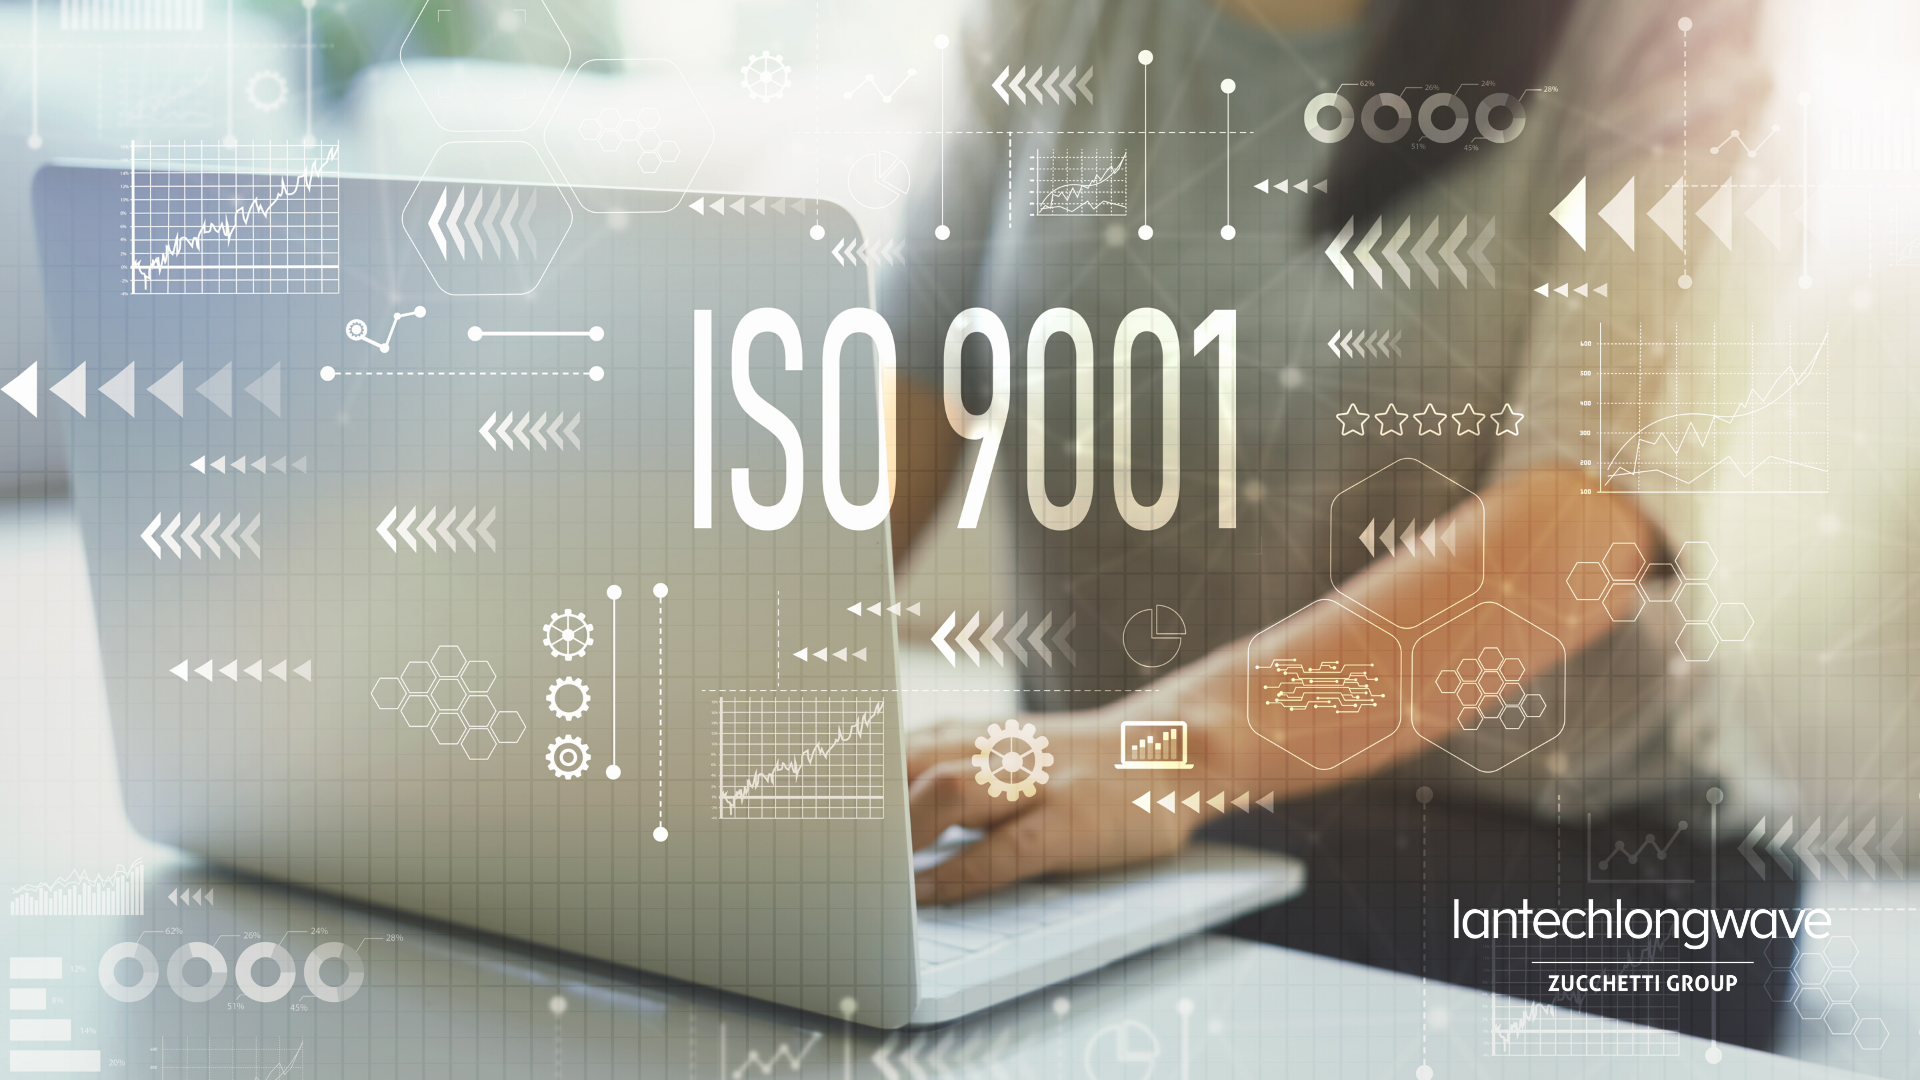 UNI EN ISO 9001:2015 - Anche quest'anno Lantech Longwave si conferma un'azienda certificata e qualificata.